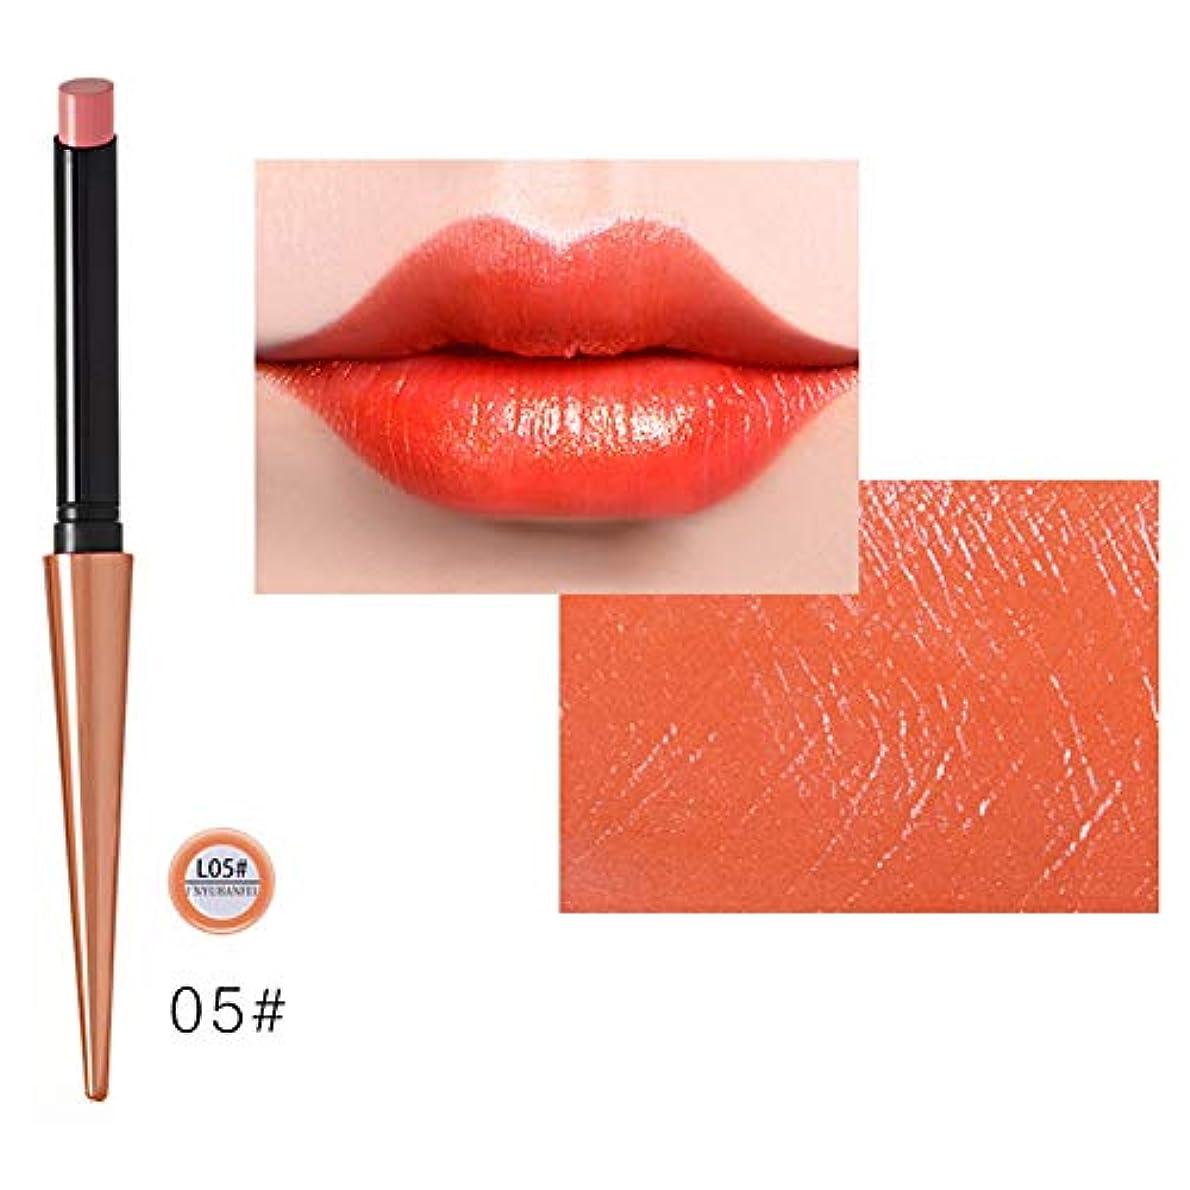 アノイ音フック口紅 リップマット リップティント リップスティック リップグロス つや消し 防水 長続き 唇の化粧品 化粧品 10色 Cutelove